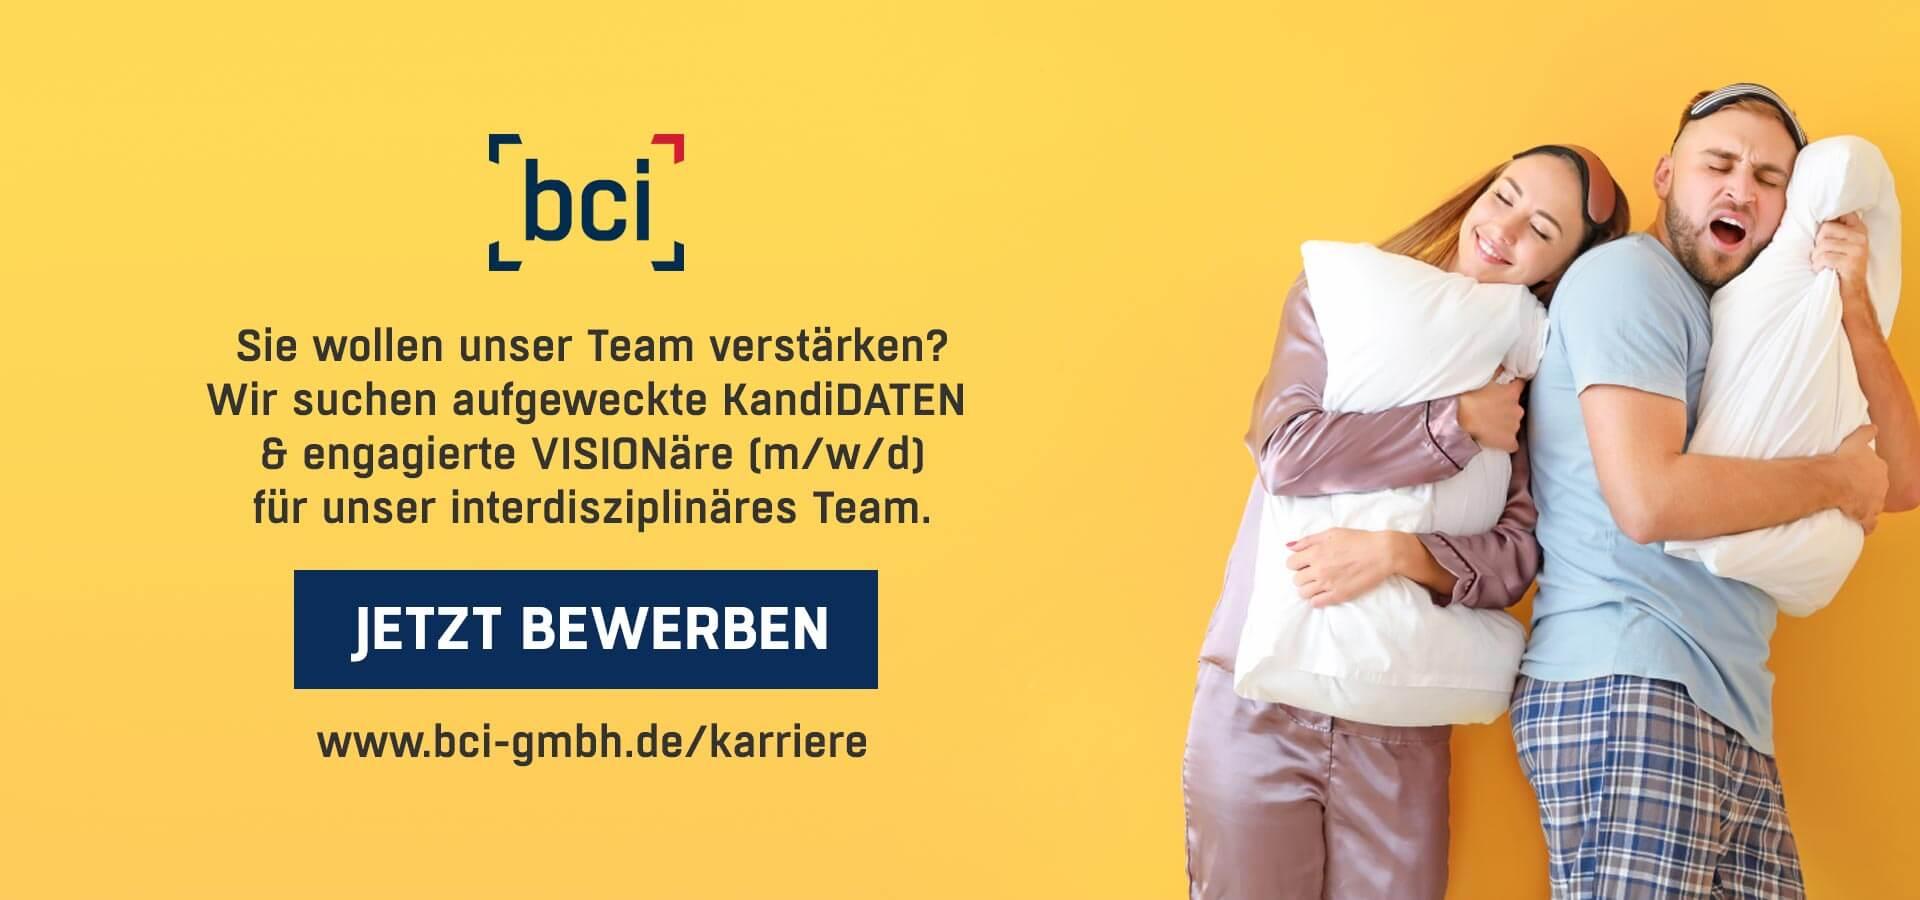 bci GmbH Karriere Aufgeweckte Kandidaten OG